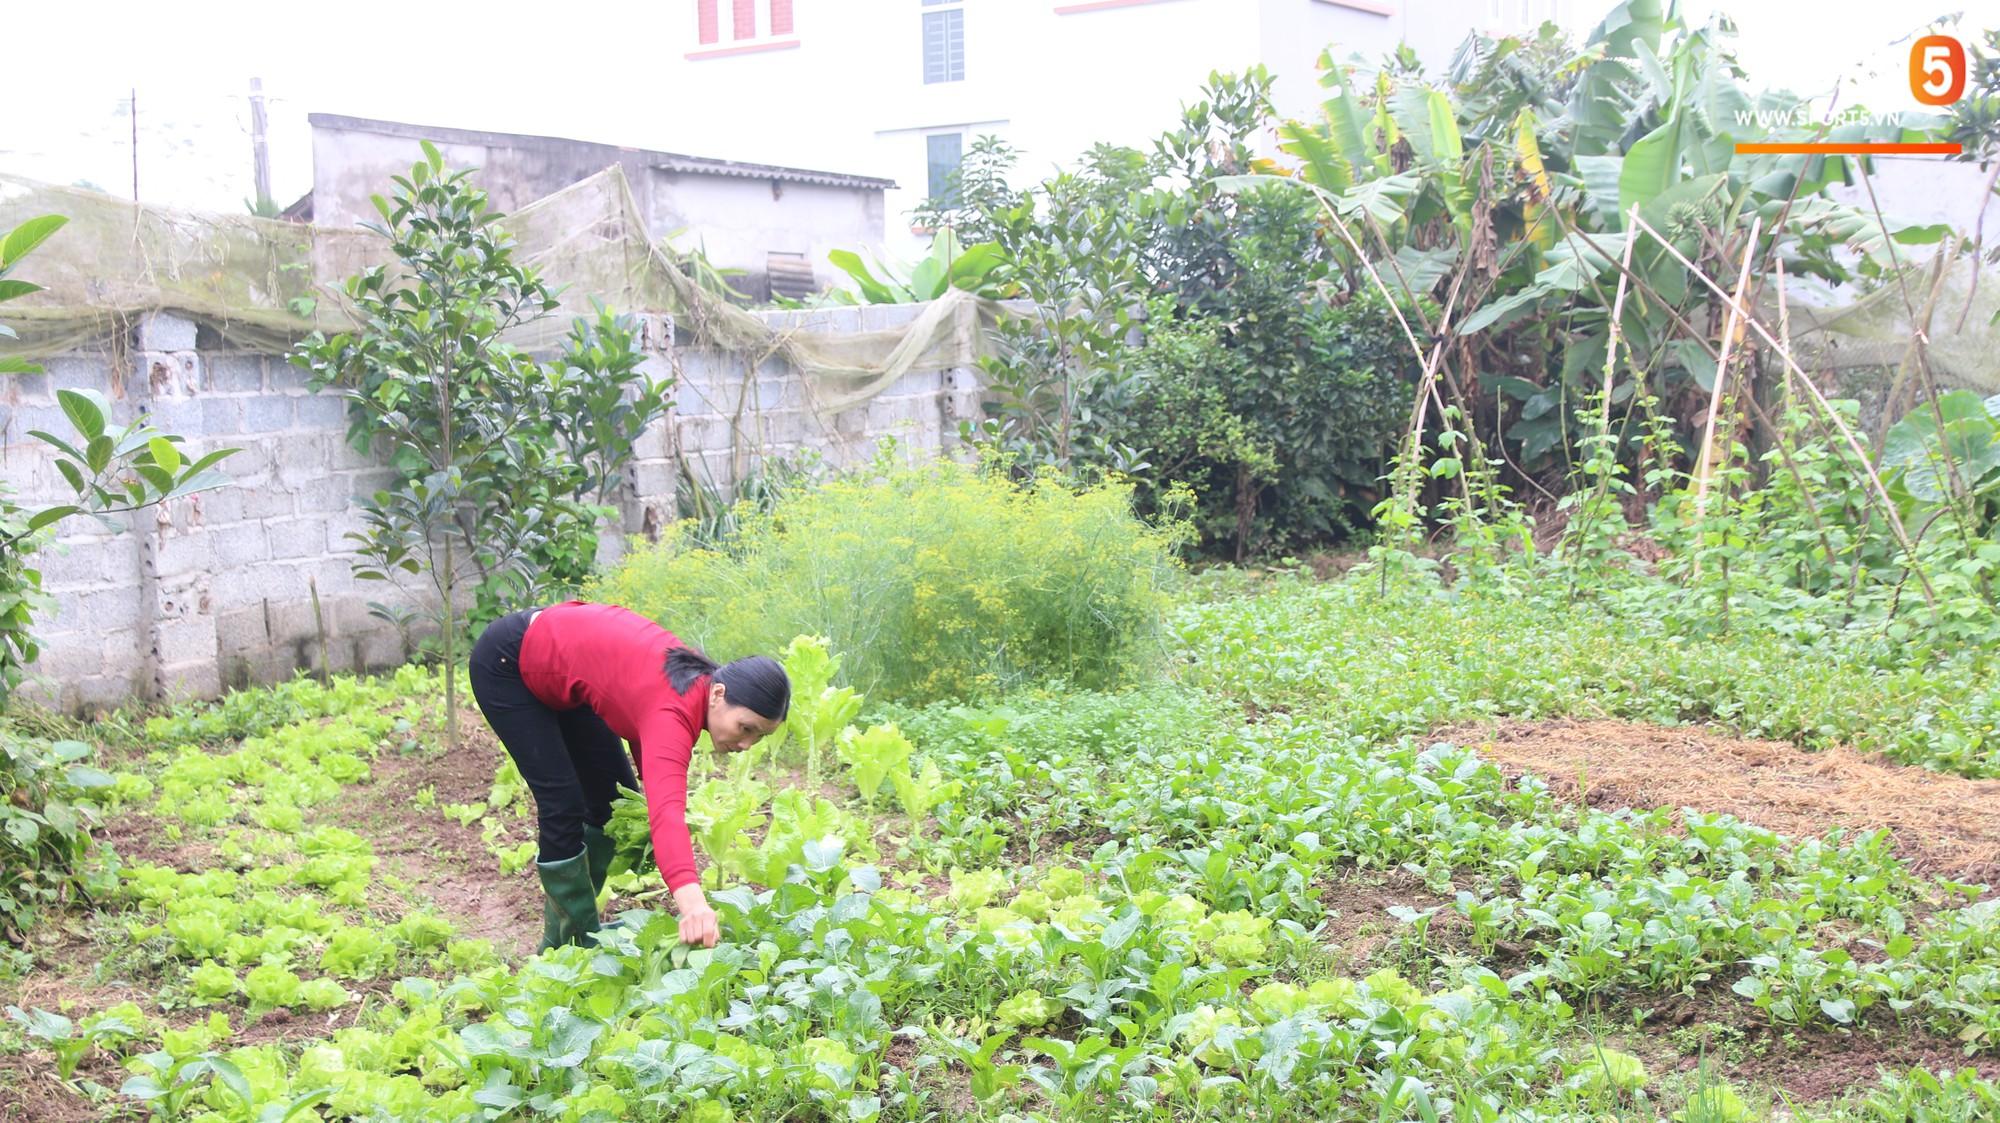 Về thăm nhà Văn Hậu, phát hiện món quà đầu tiên em út ĐT Việt Nam mua cho cha mẹ bằng đồng lương kiếm được-11